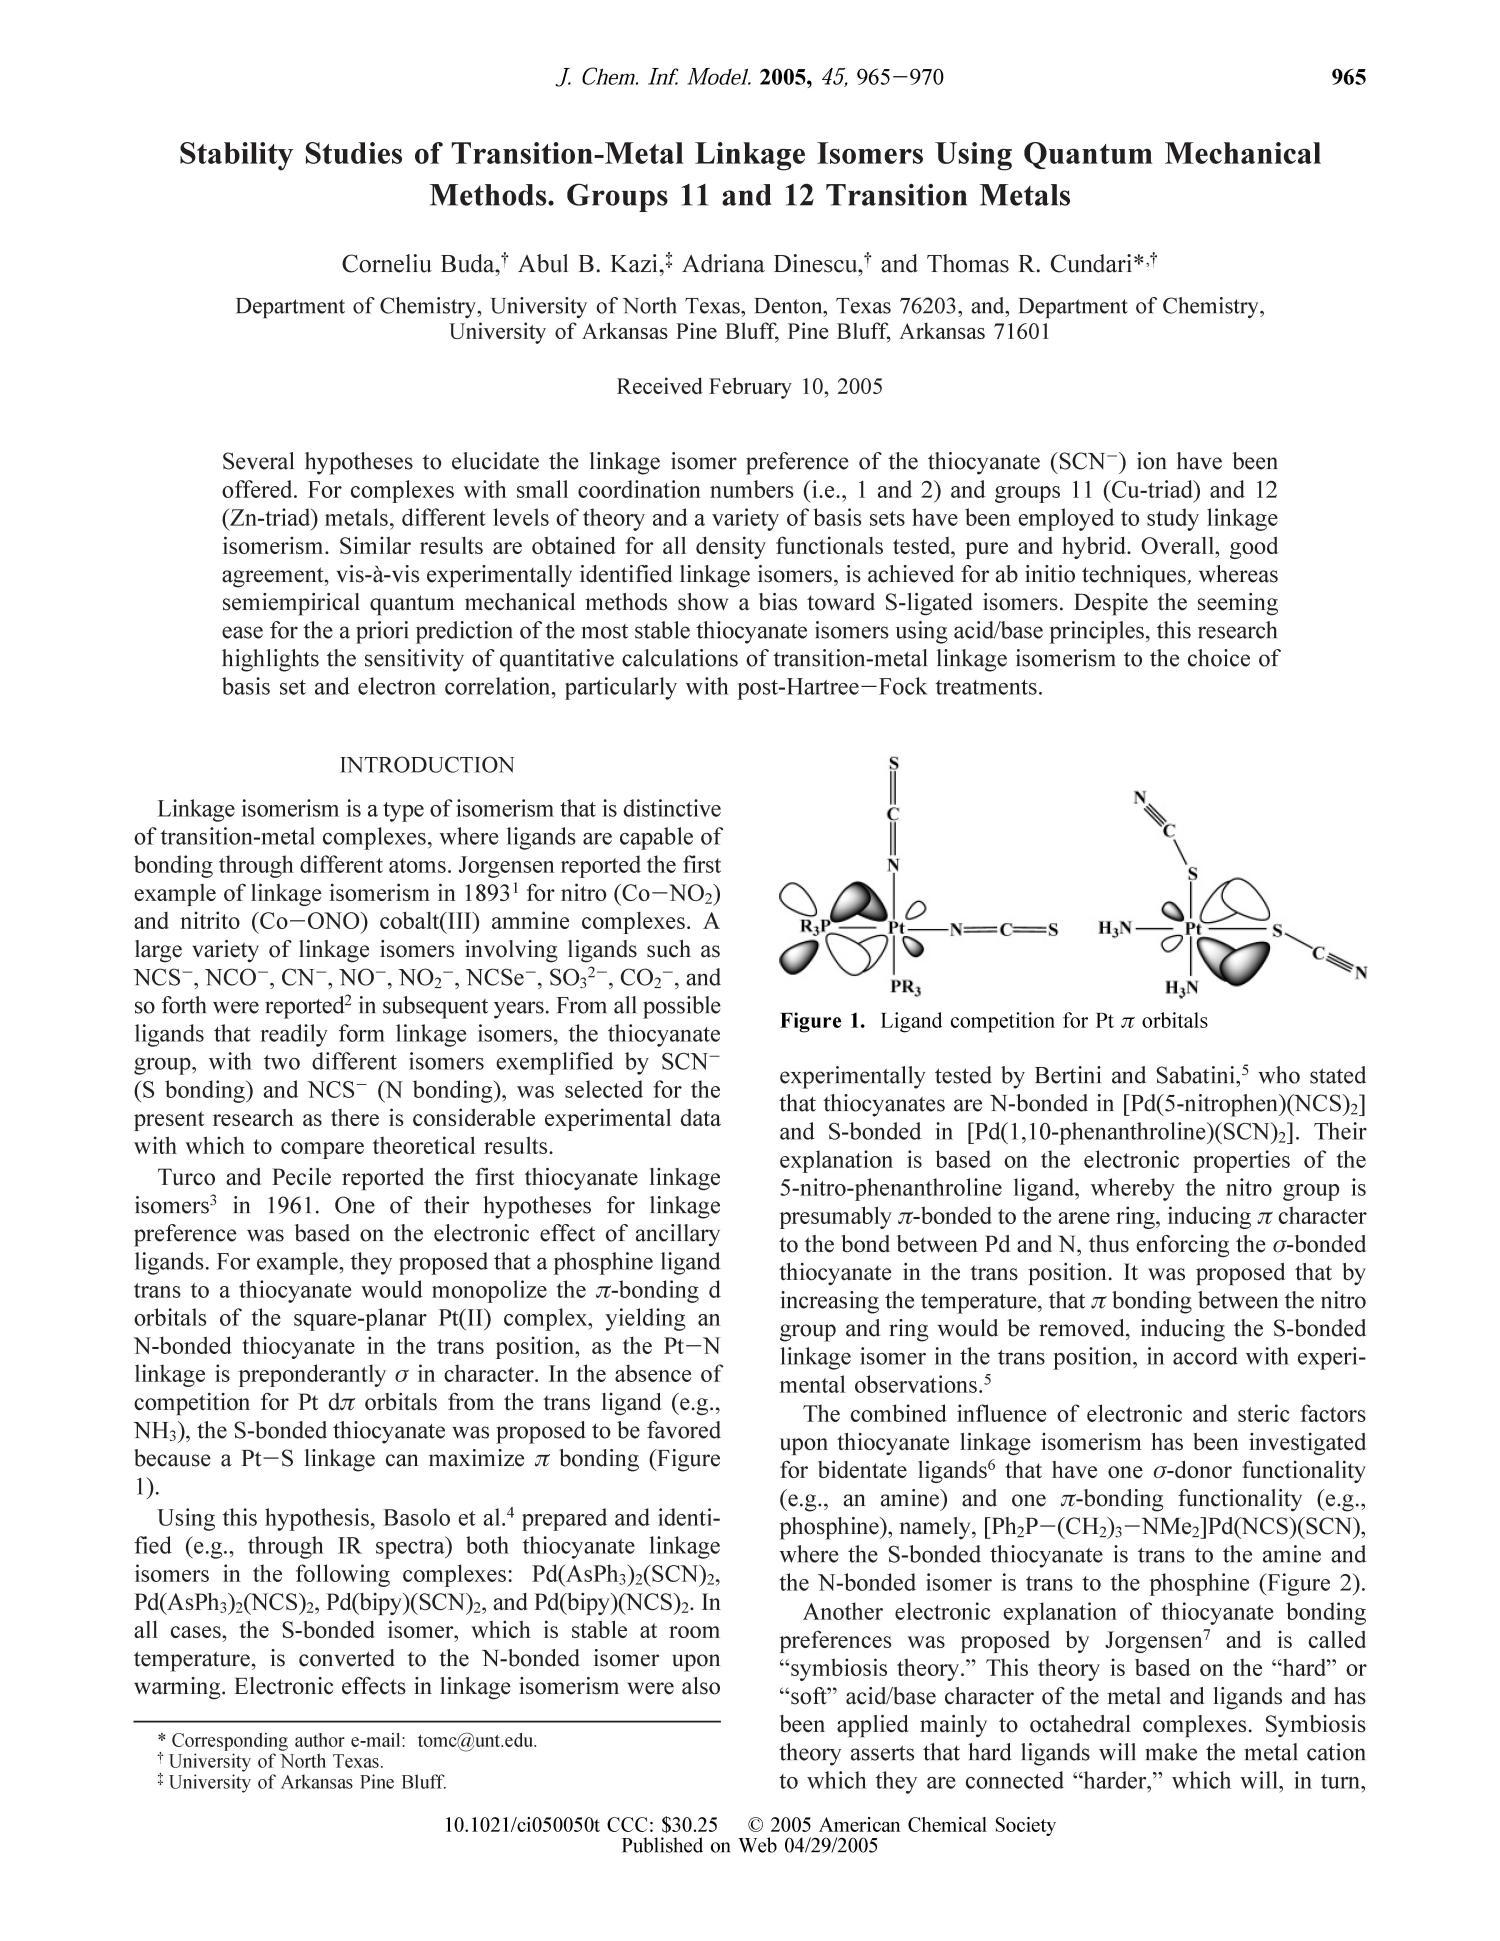 nitro vs nitrito linkage isomers